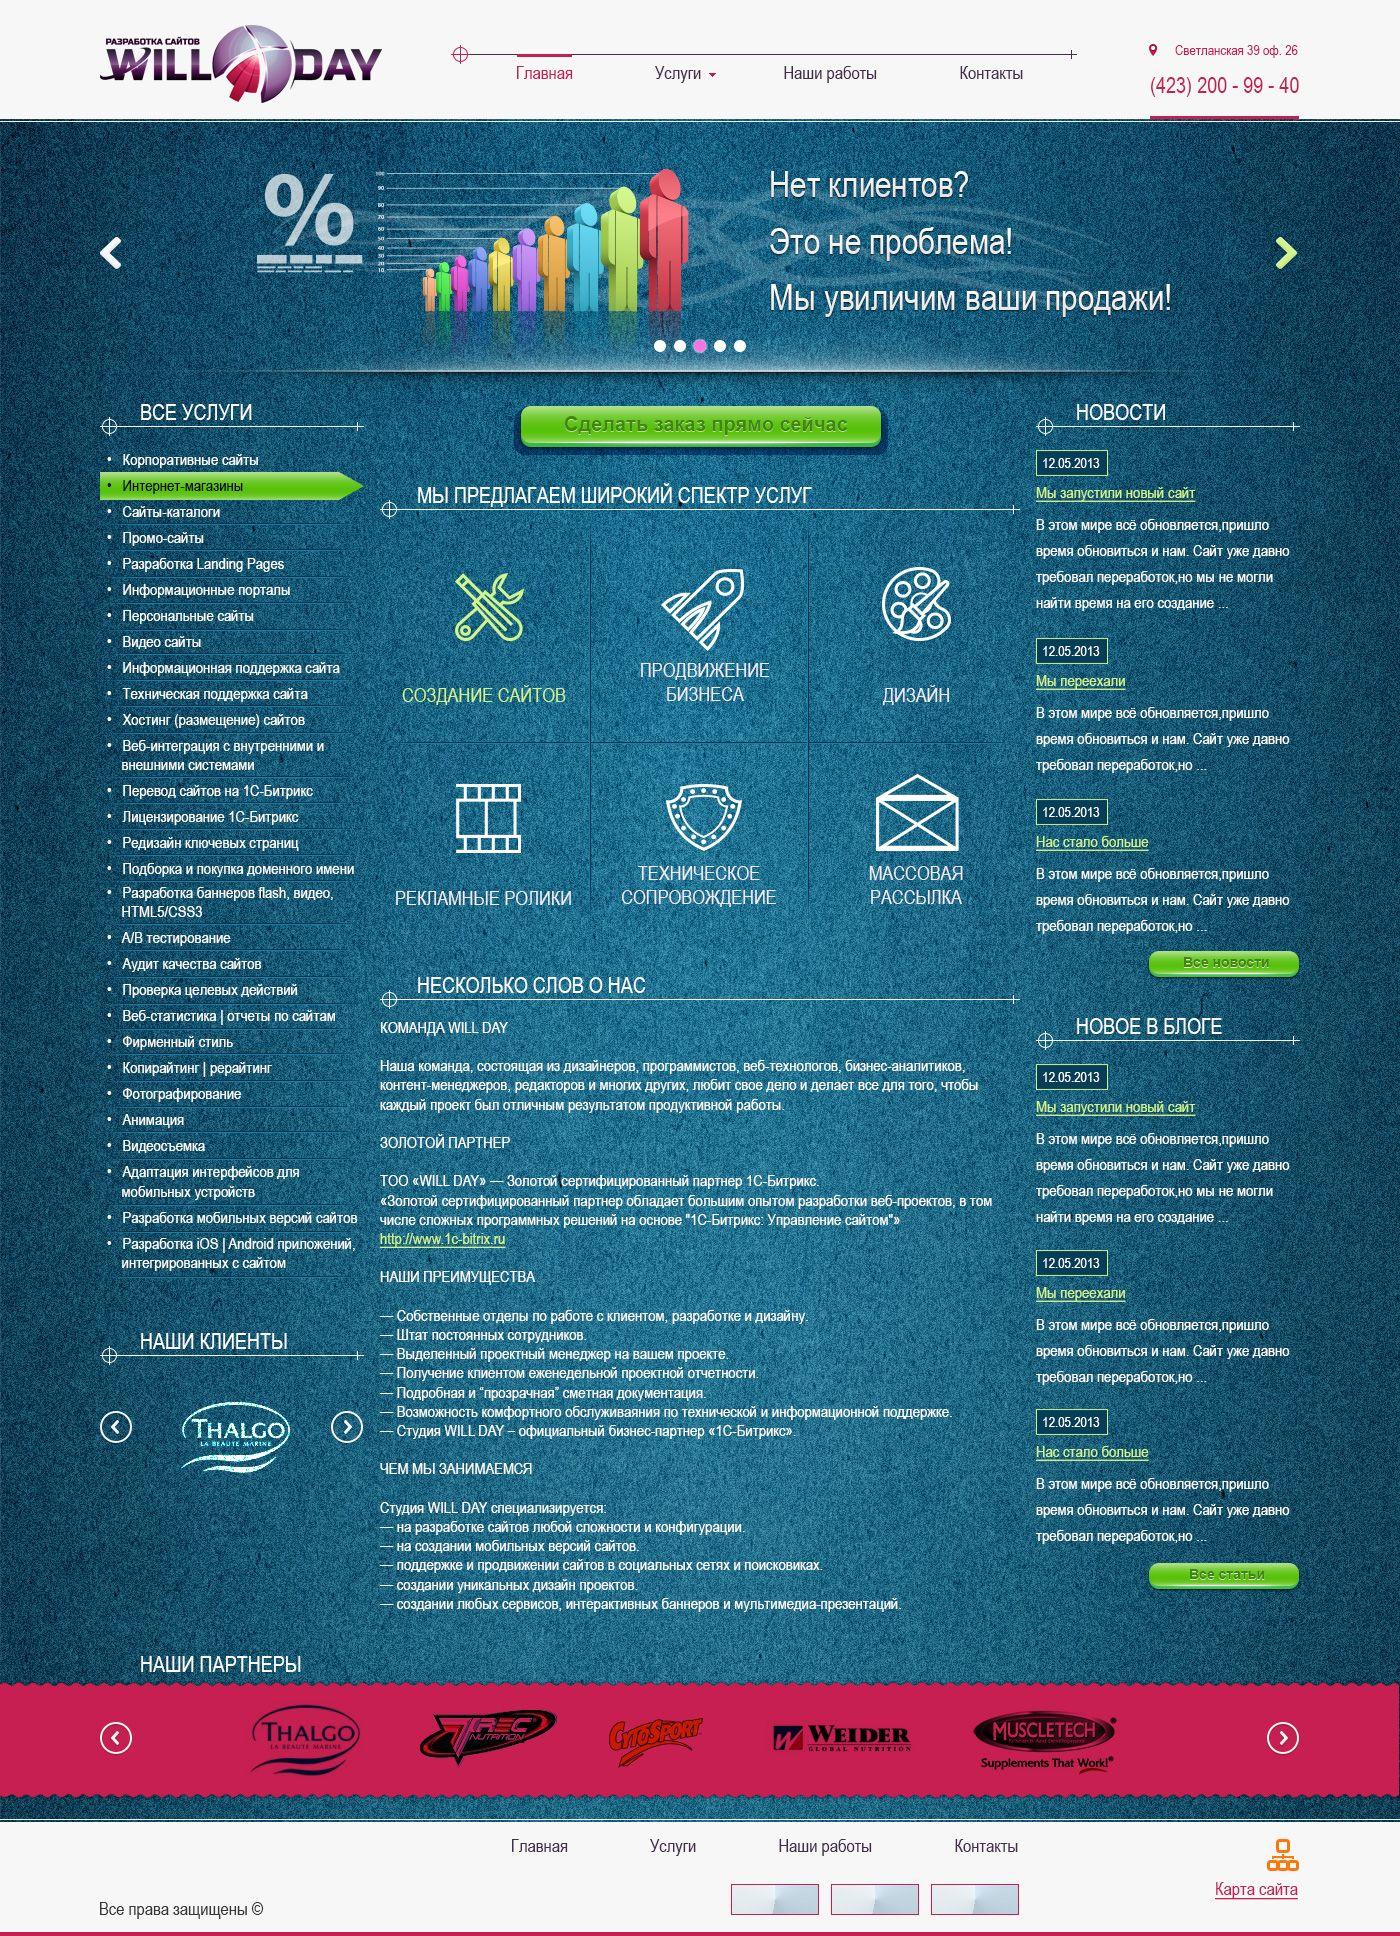 Дизайн главной страницы сайта web-студии Will Day - дизайнер djobsik